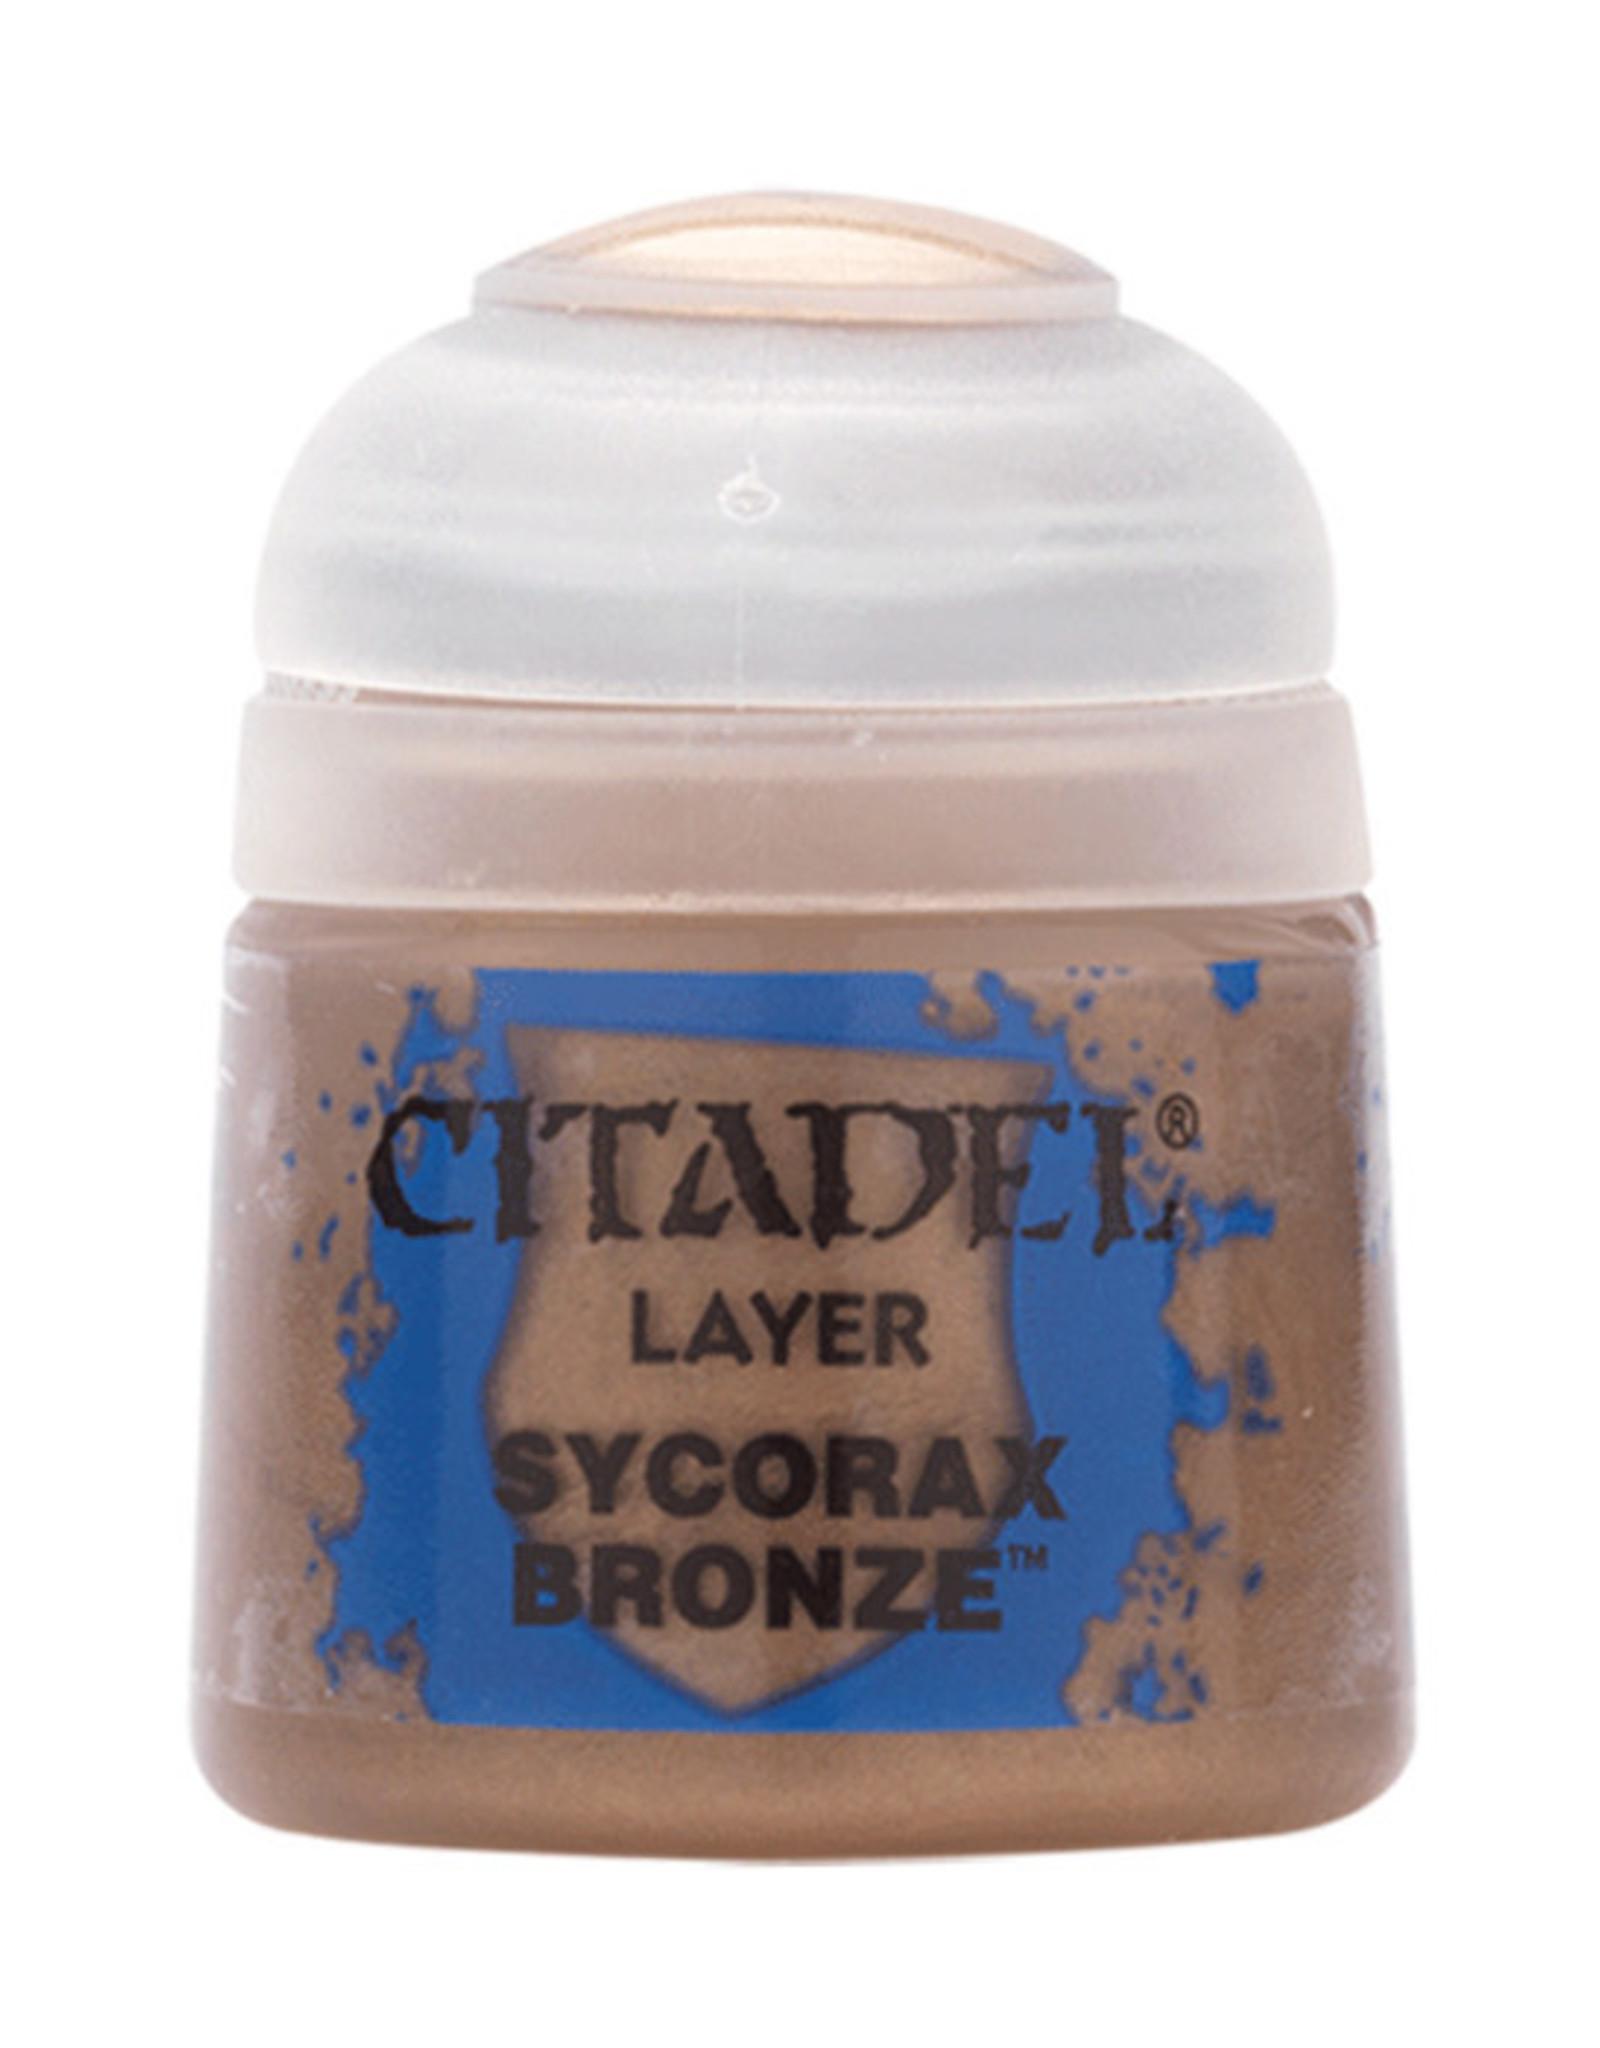 Citadel Citadel Colour: Layer - Sycorax Bronze